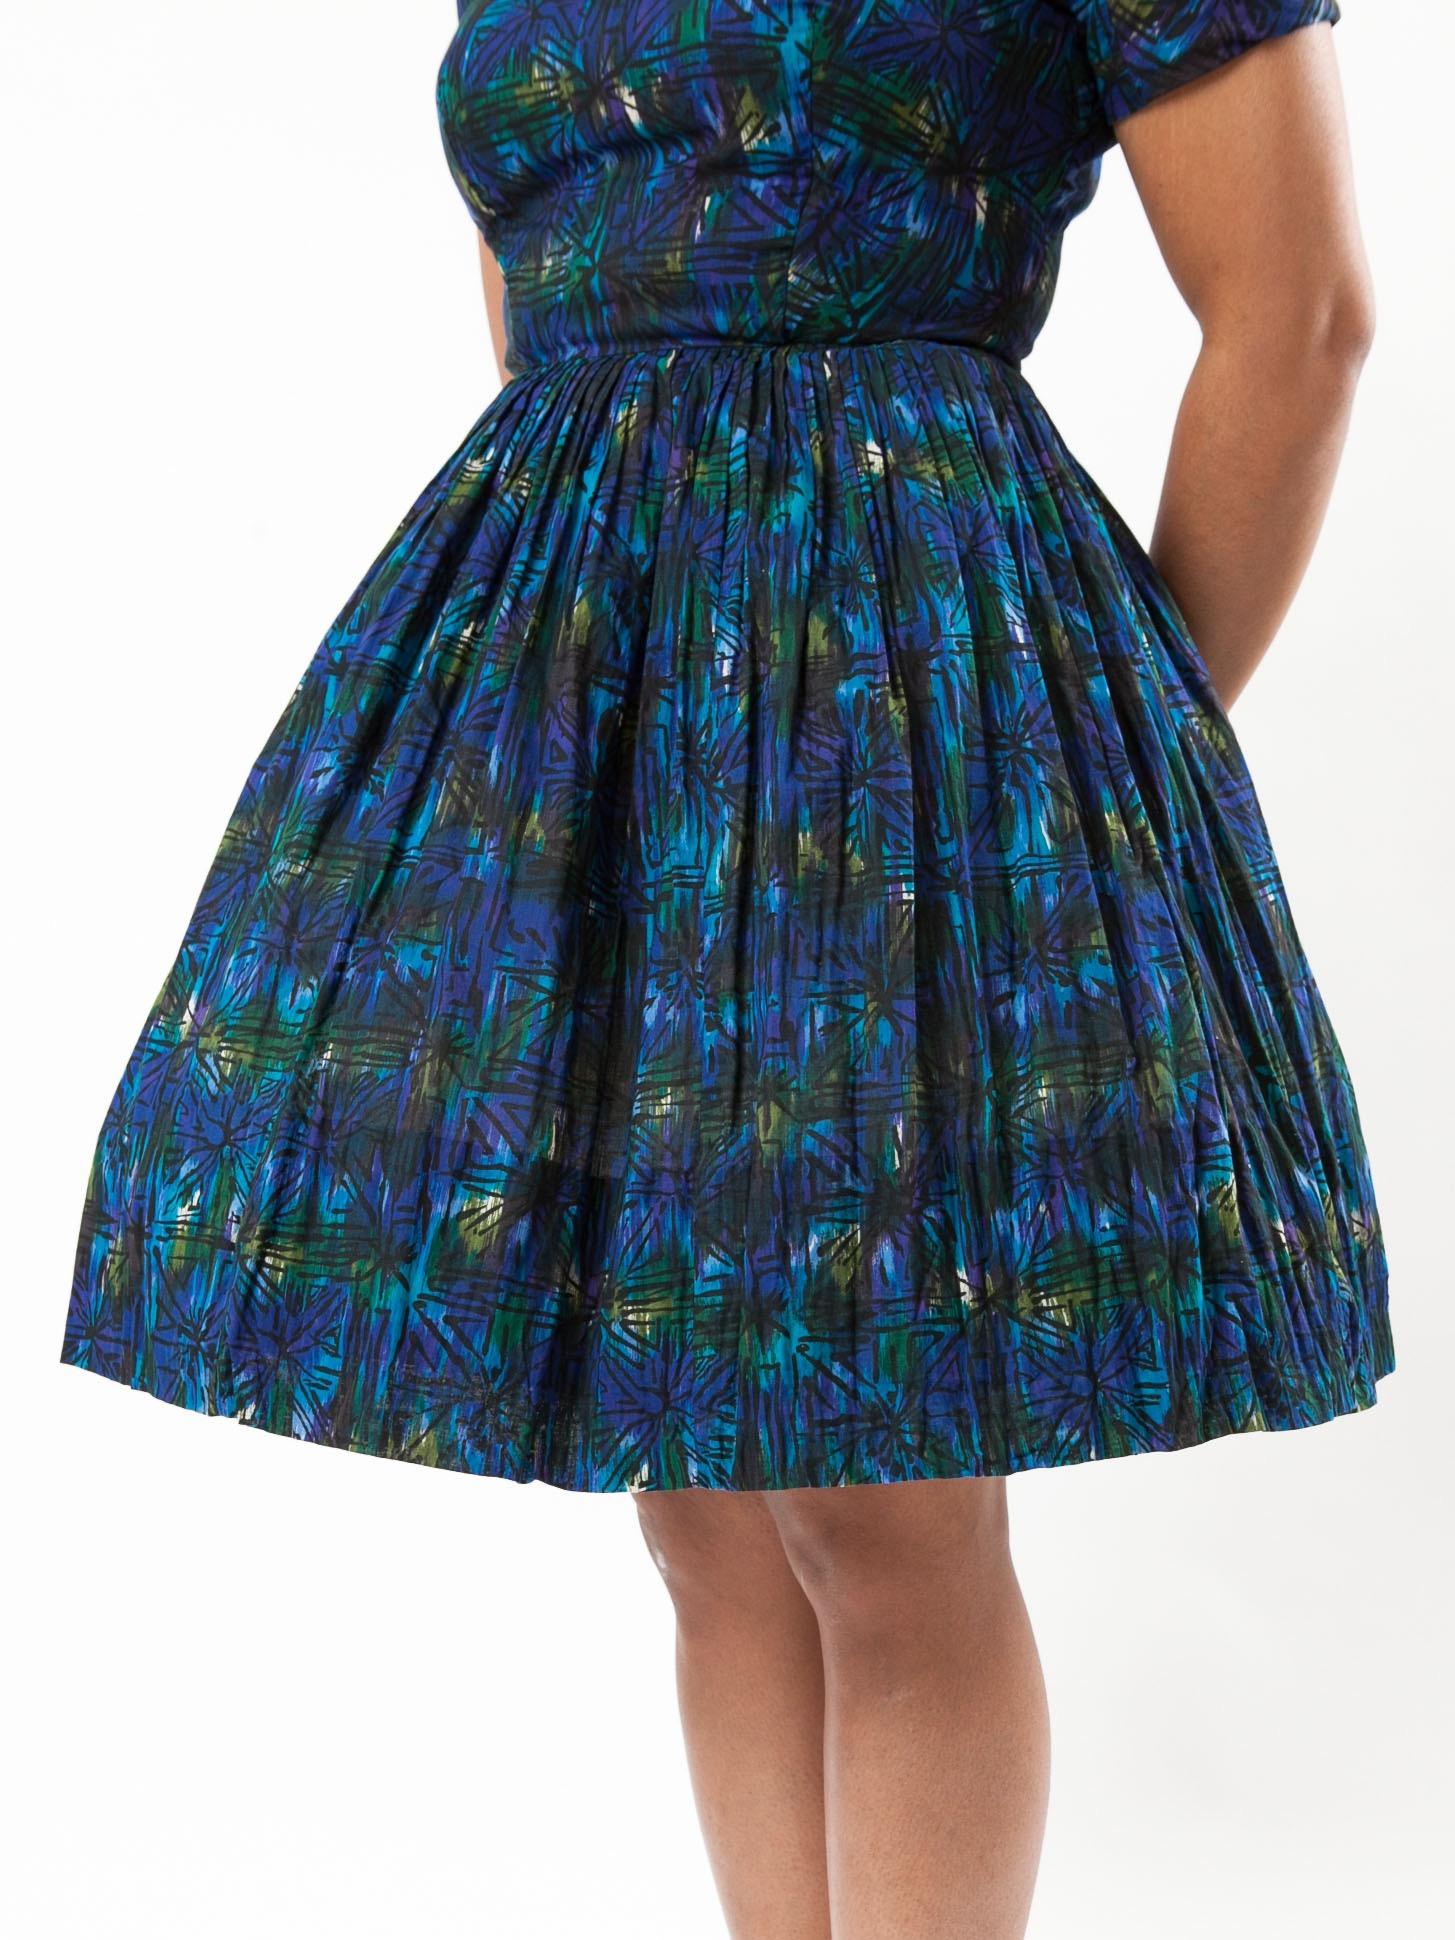 50s dress_devora__MG_8165.jpg